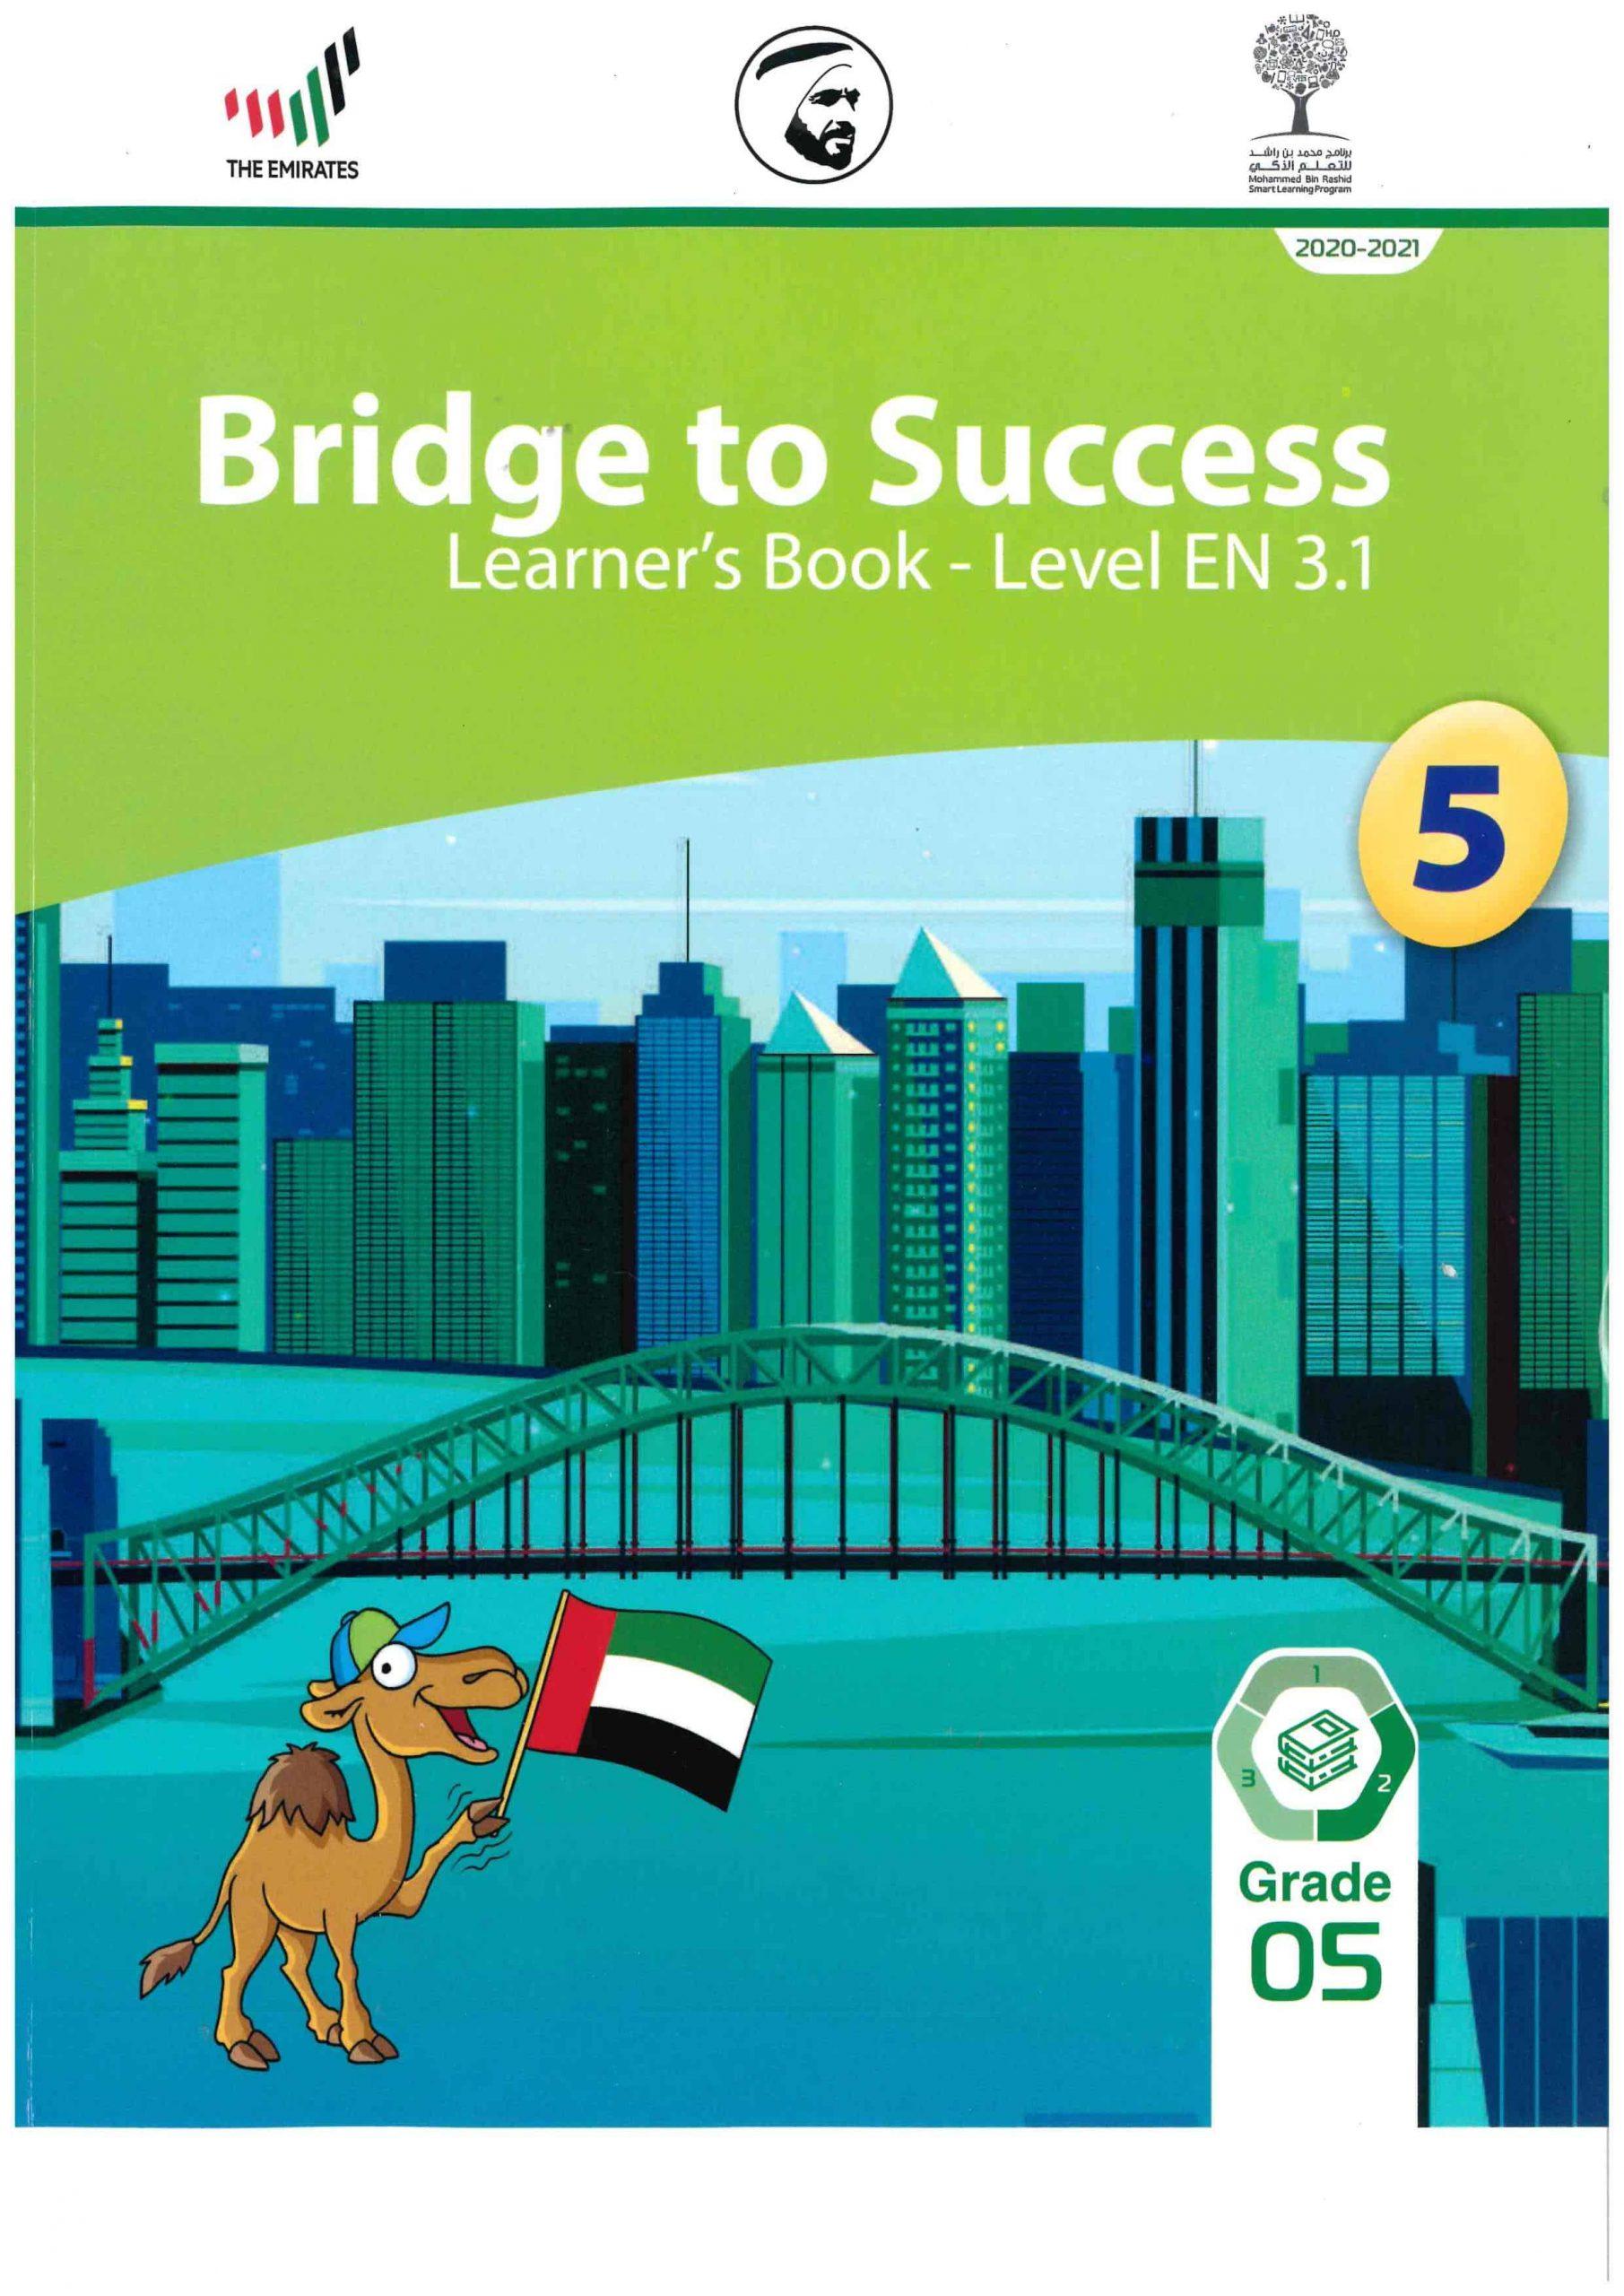 كتاب الطالب Learners book الفصل الدراسي الثاني 2020-2021 الصف الخامس مادة اللغة الانجليزية